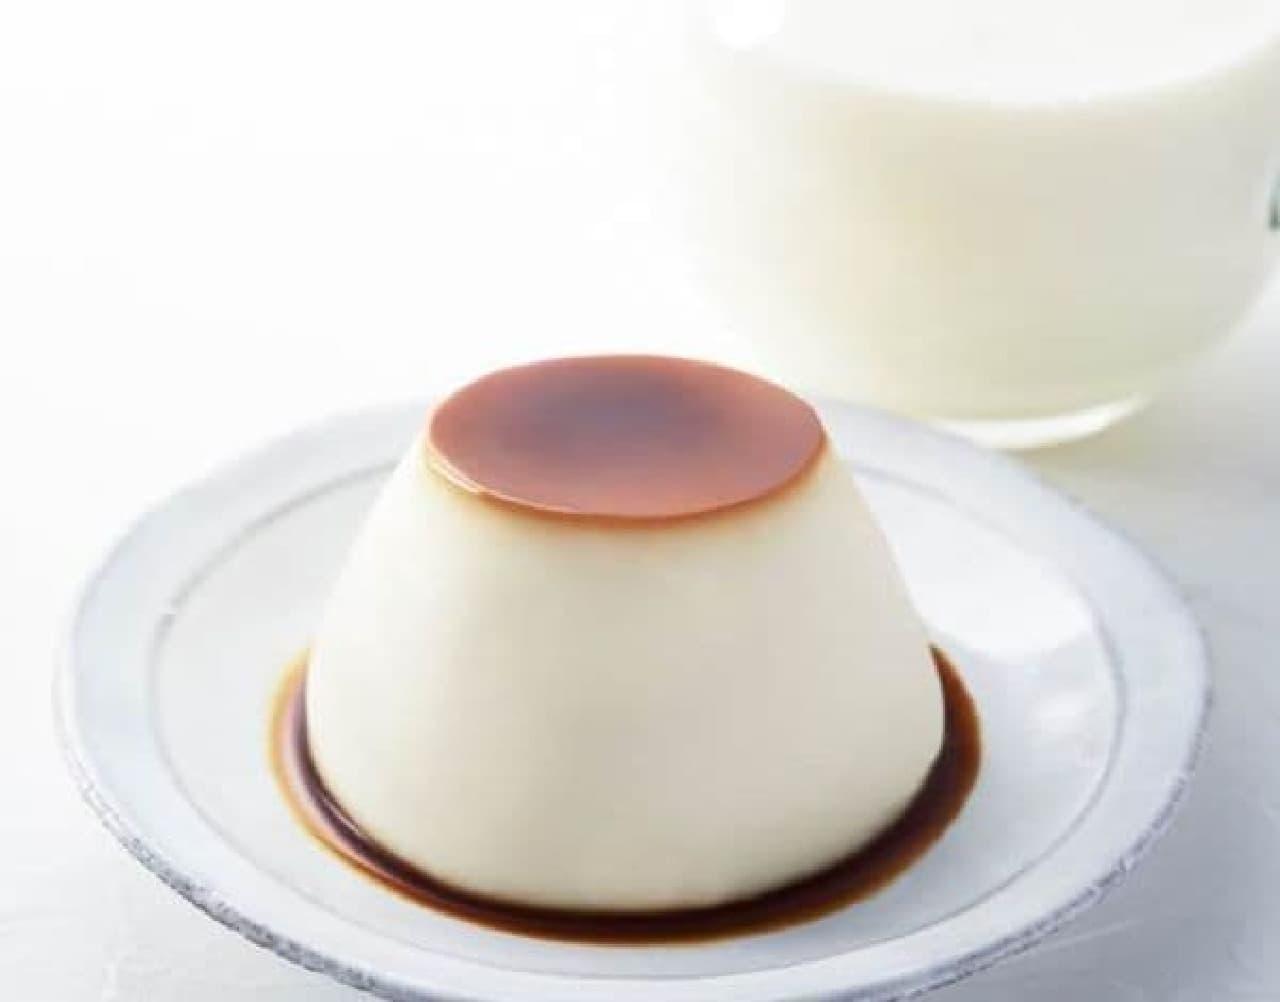 「こだわりミルクのカスタードプリン」はミルクにこだわって作られたカスタードプリン